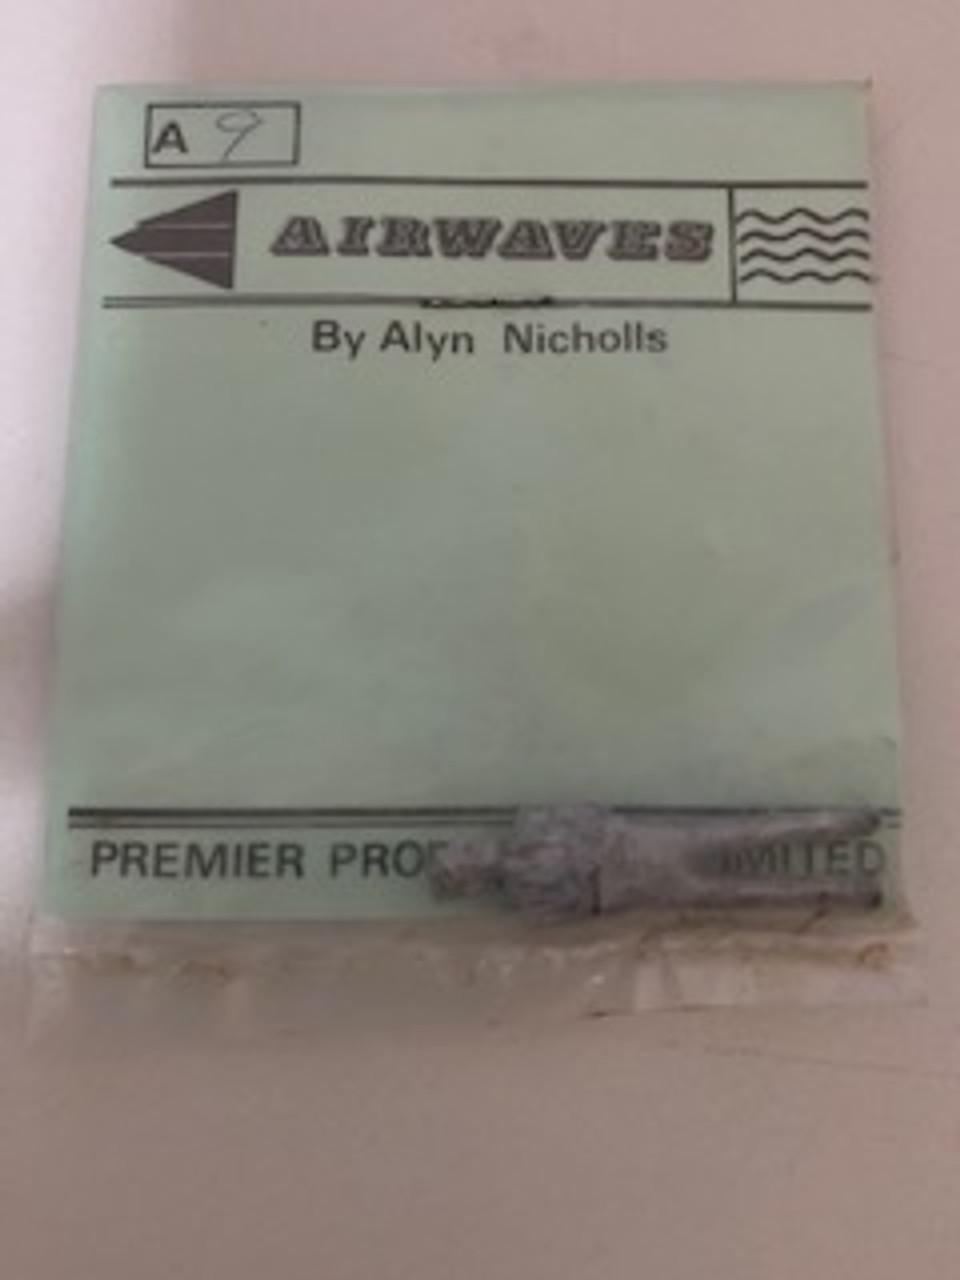 Airwaves 1:48 Soldier White Metal Figure Kit #A9 Unassembled Unpainted Model Kit